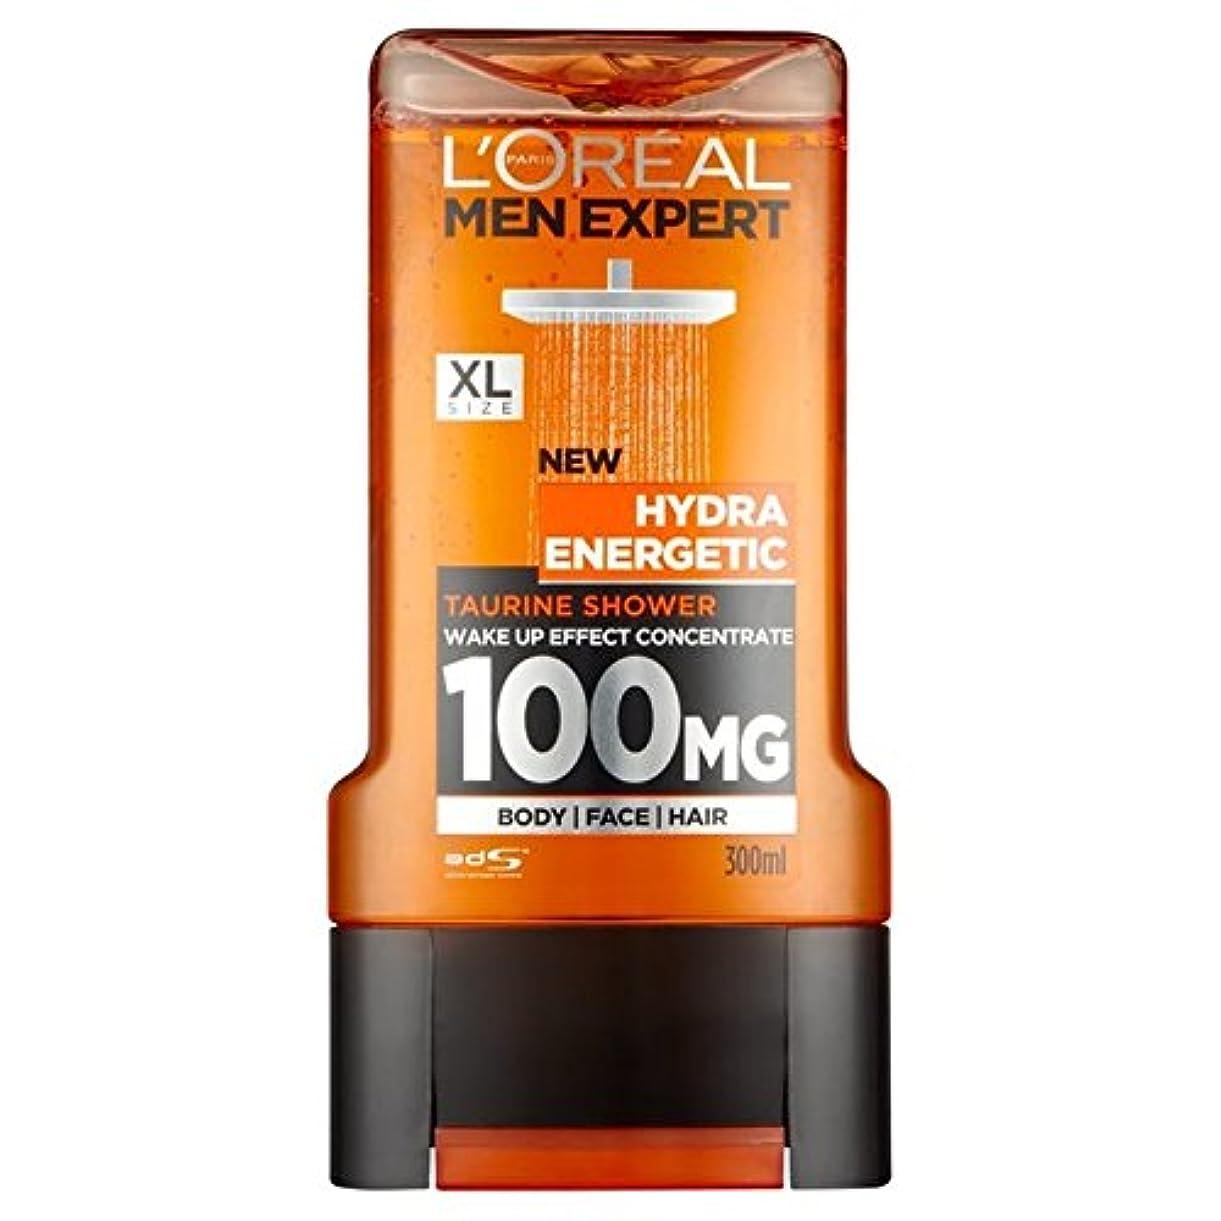 製造業候補者土曜日ロレアルパリのメンズ専門家ヒドラエネルギッシュなシャワージェル300ミリリットル x2 - L'Oreal Paris Men Expert Hydra Energetic Shower Gel 300ml (Pack...